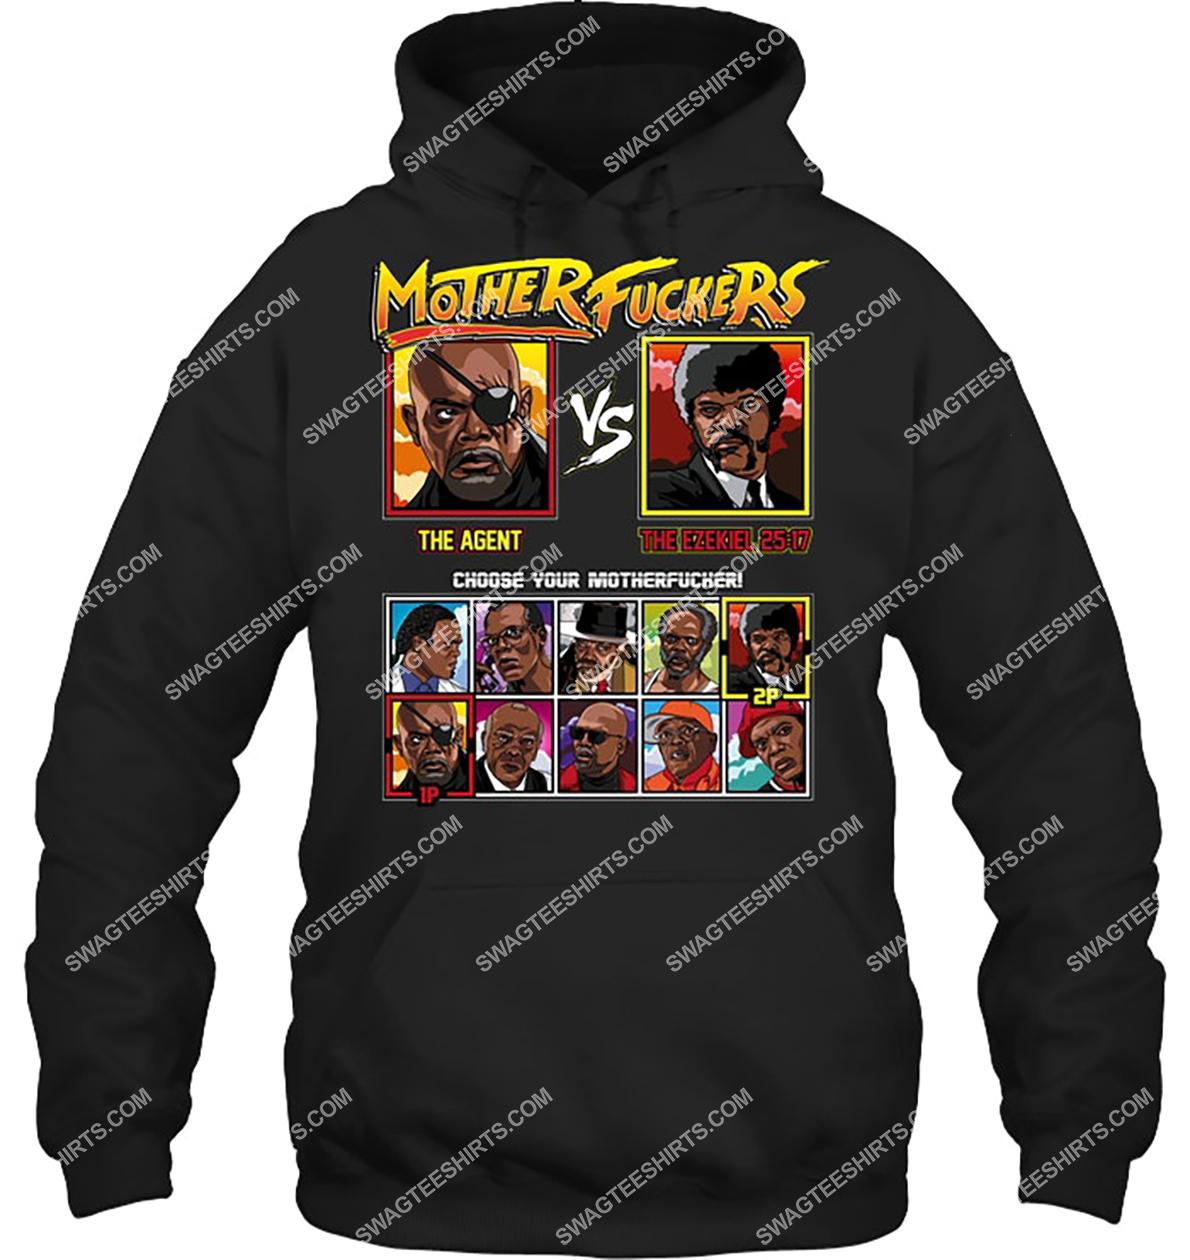 mother fuckers the agent vs the ezekiel choose your motherfucker hoodie 1